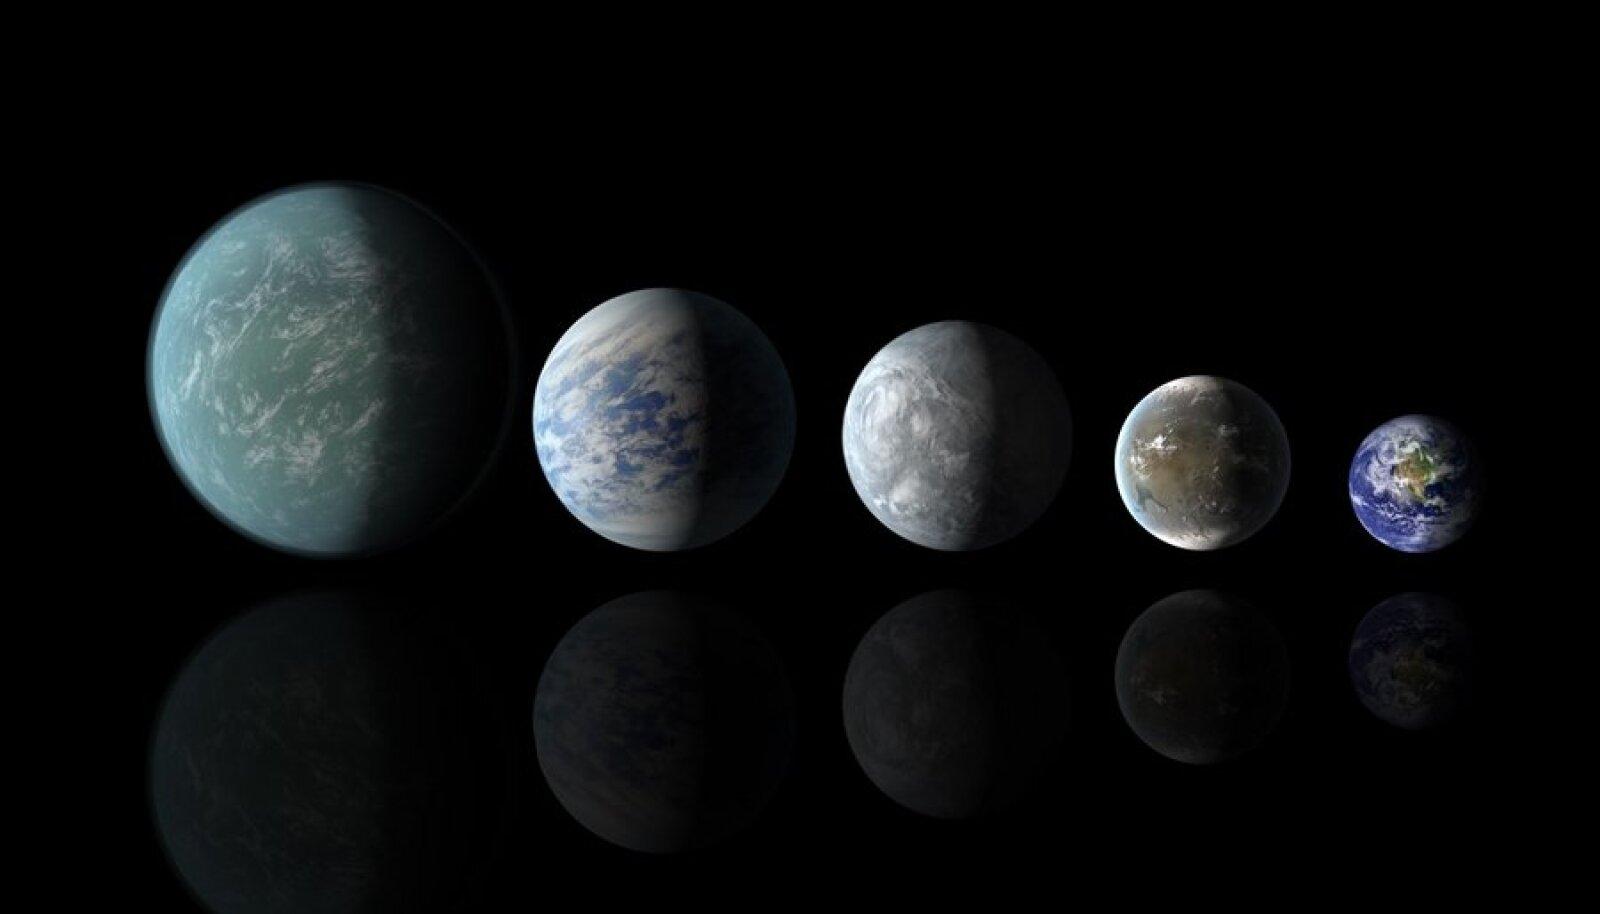 Seni avastatud arvatavalt elu toetavad eksoplaneedid Kepler-22b, Kepler-69c, Kepler-62e, Kepler 62f ja Maa